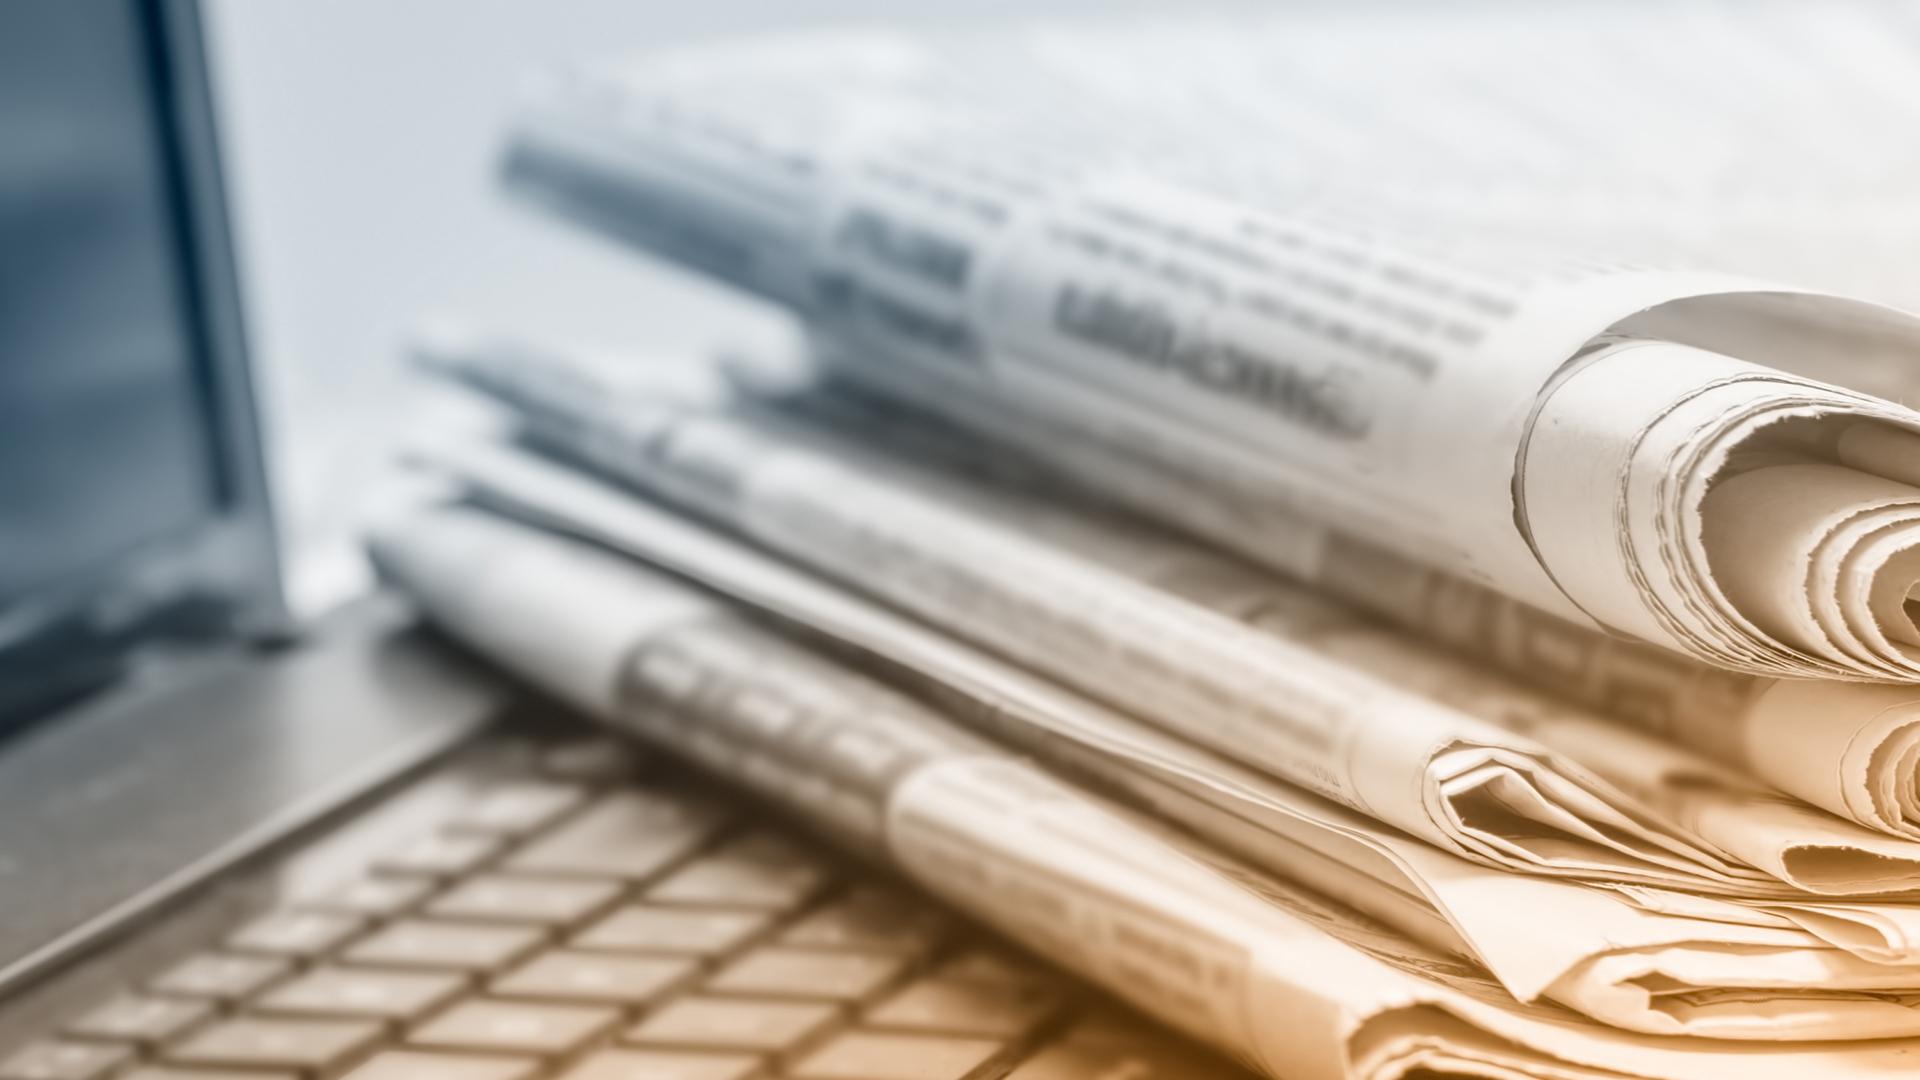 PARMENAS Media & Events - Nachhaltigkeit wirtschaften und die eigene Reputation stärken